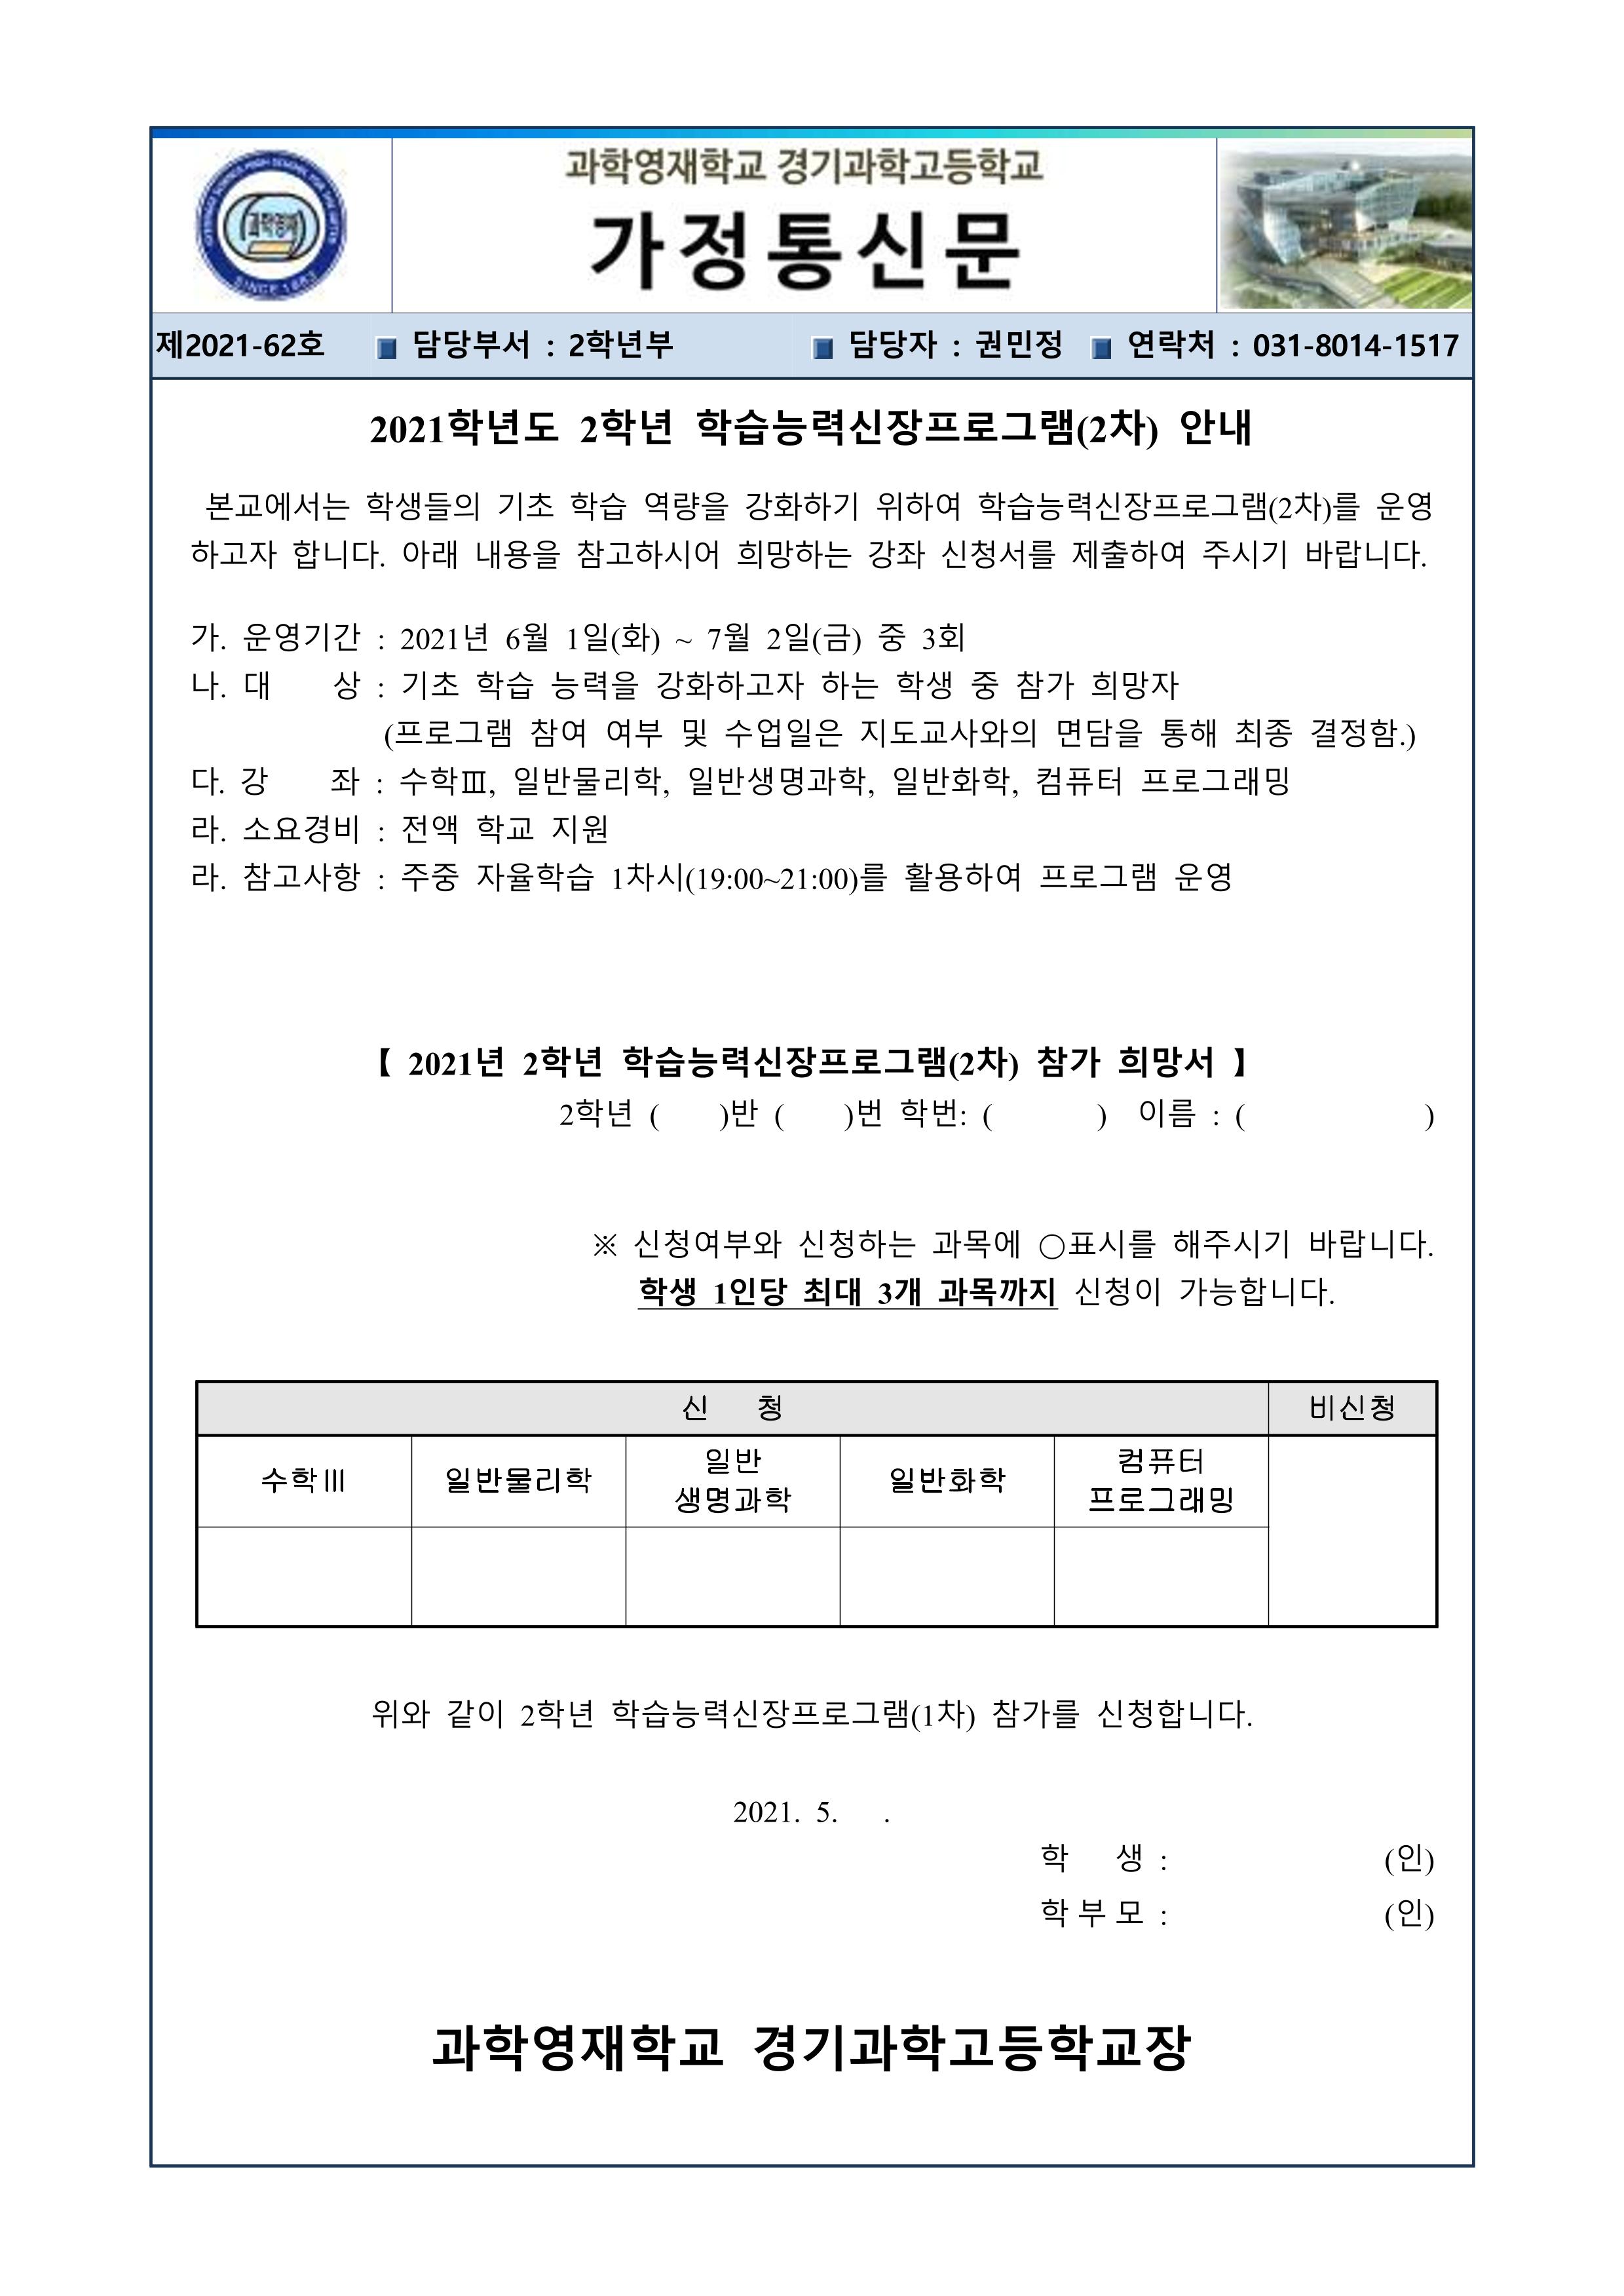 2021학년도 2학년 학습능력신장프로그램(2차) 가정통신문 1Page.